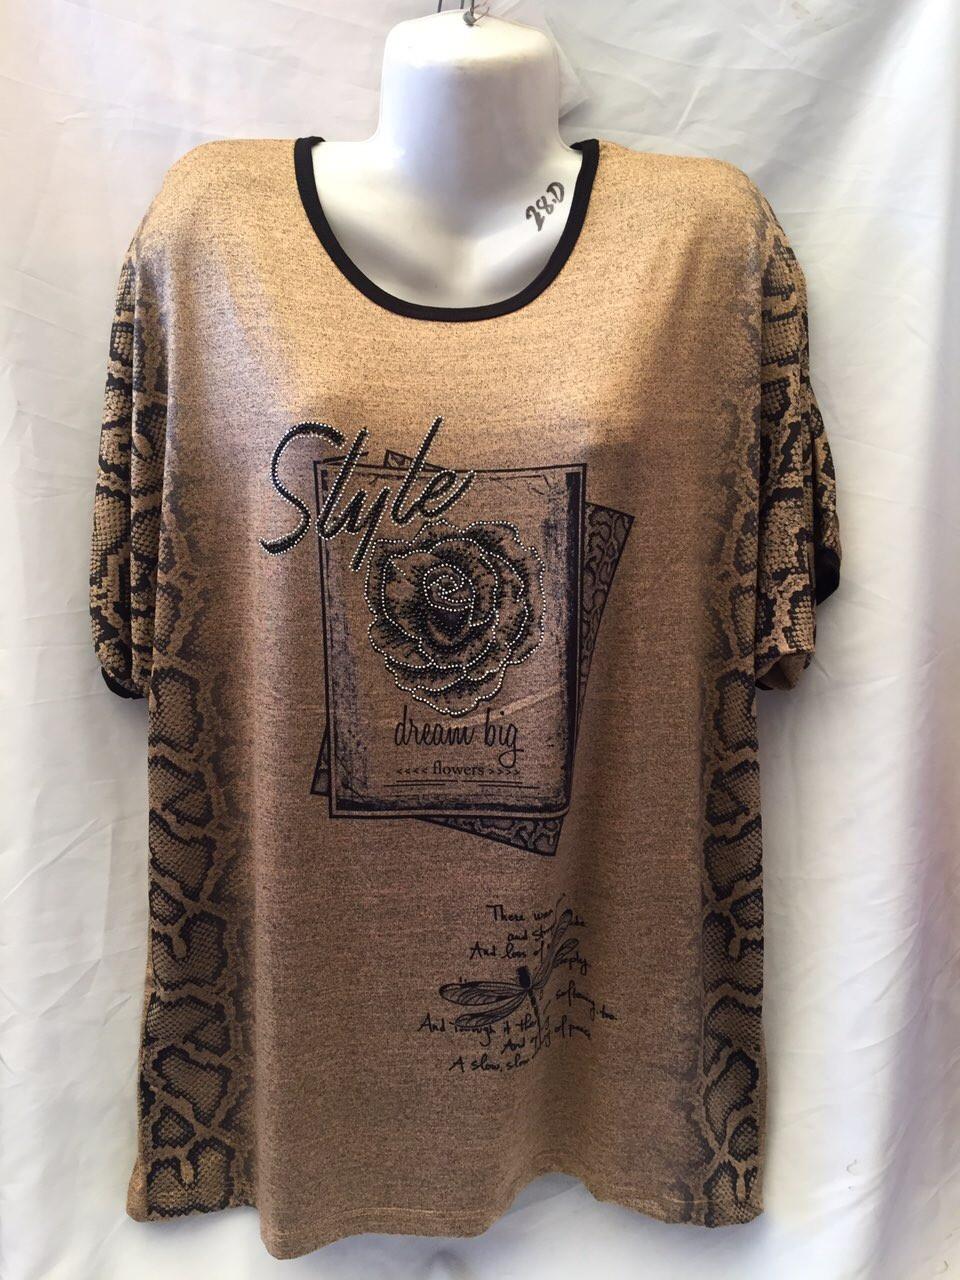 Женская котоновая футболка Батал (в уп. 3 расцветок) оптом в Одессе.